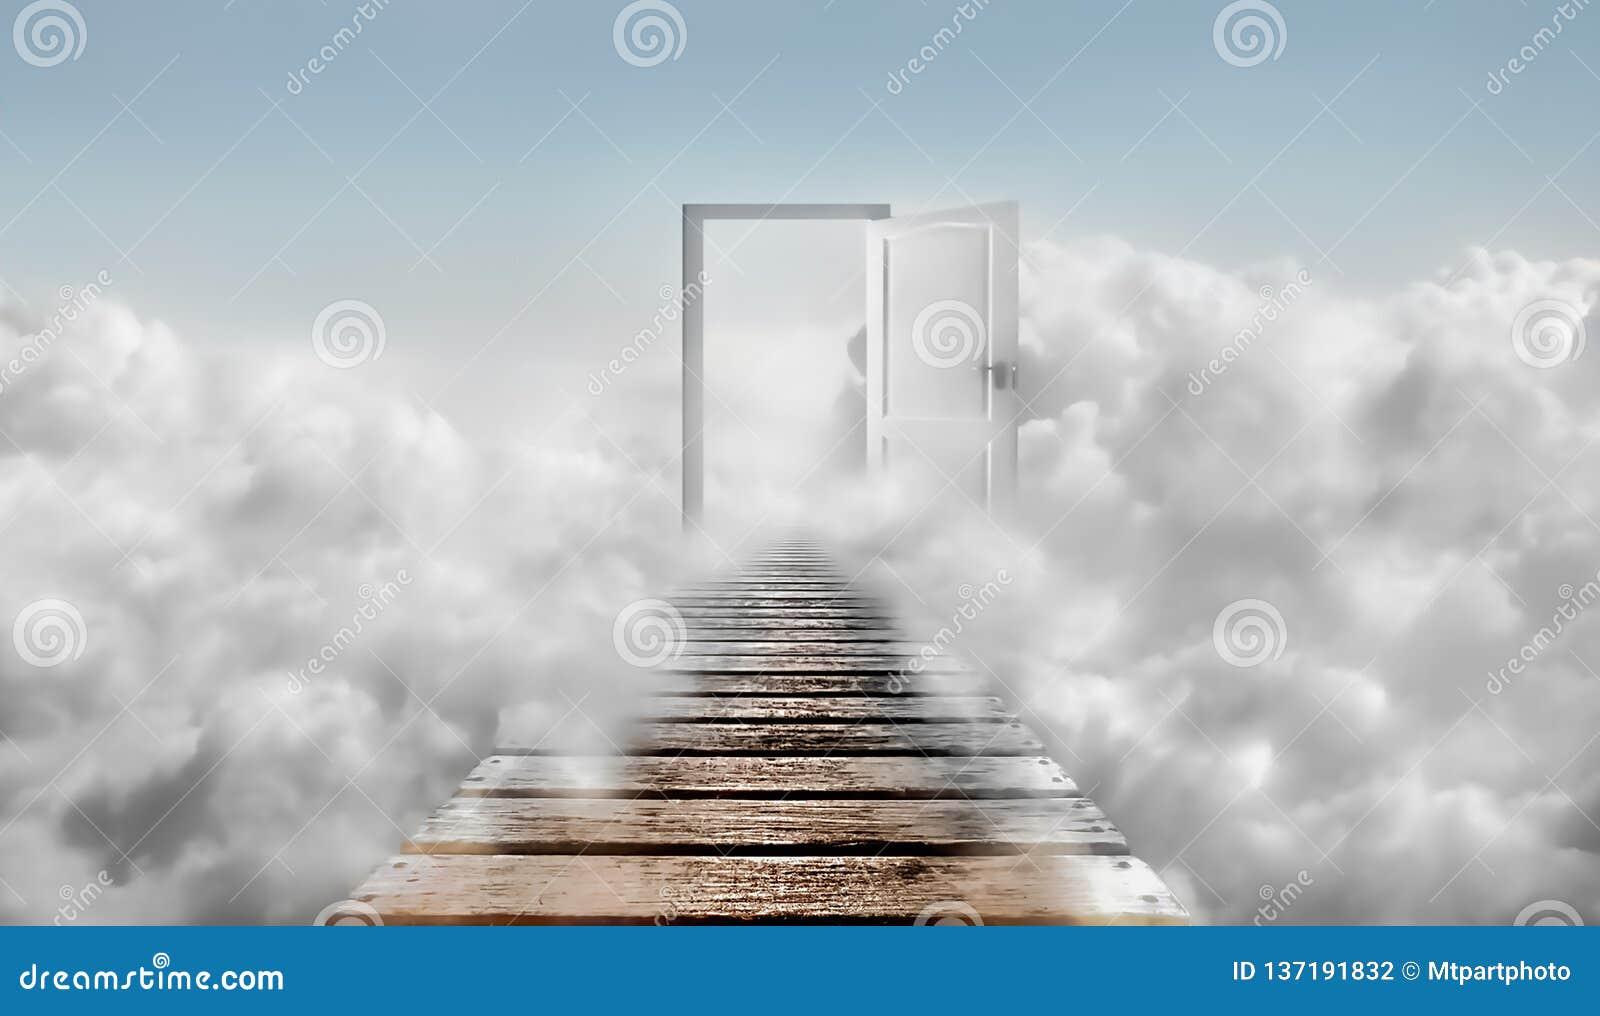 Door in blue sky and clouds. Door To Heaven.